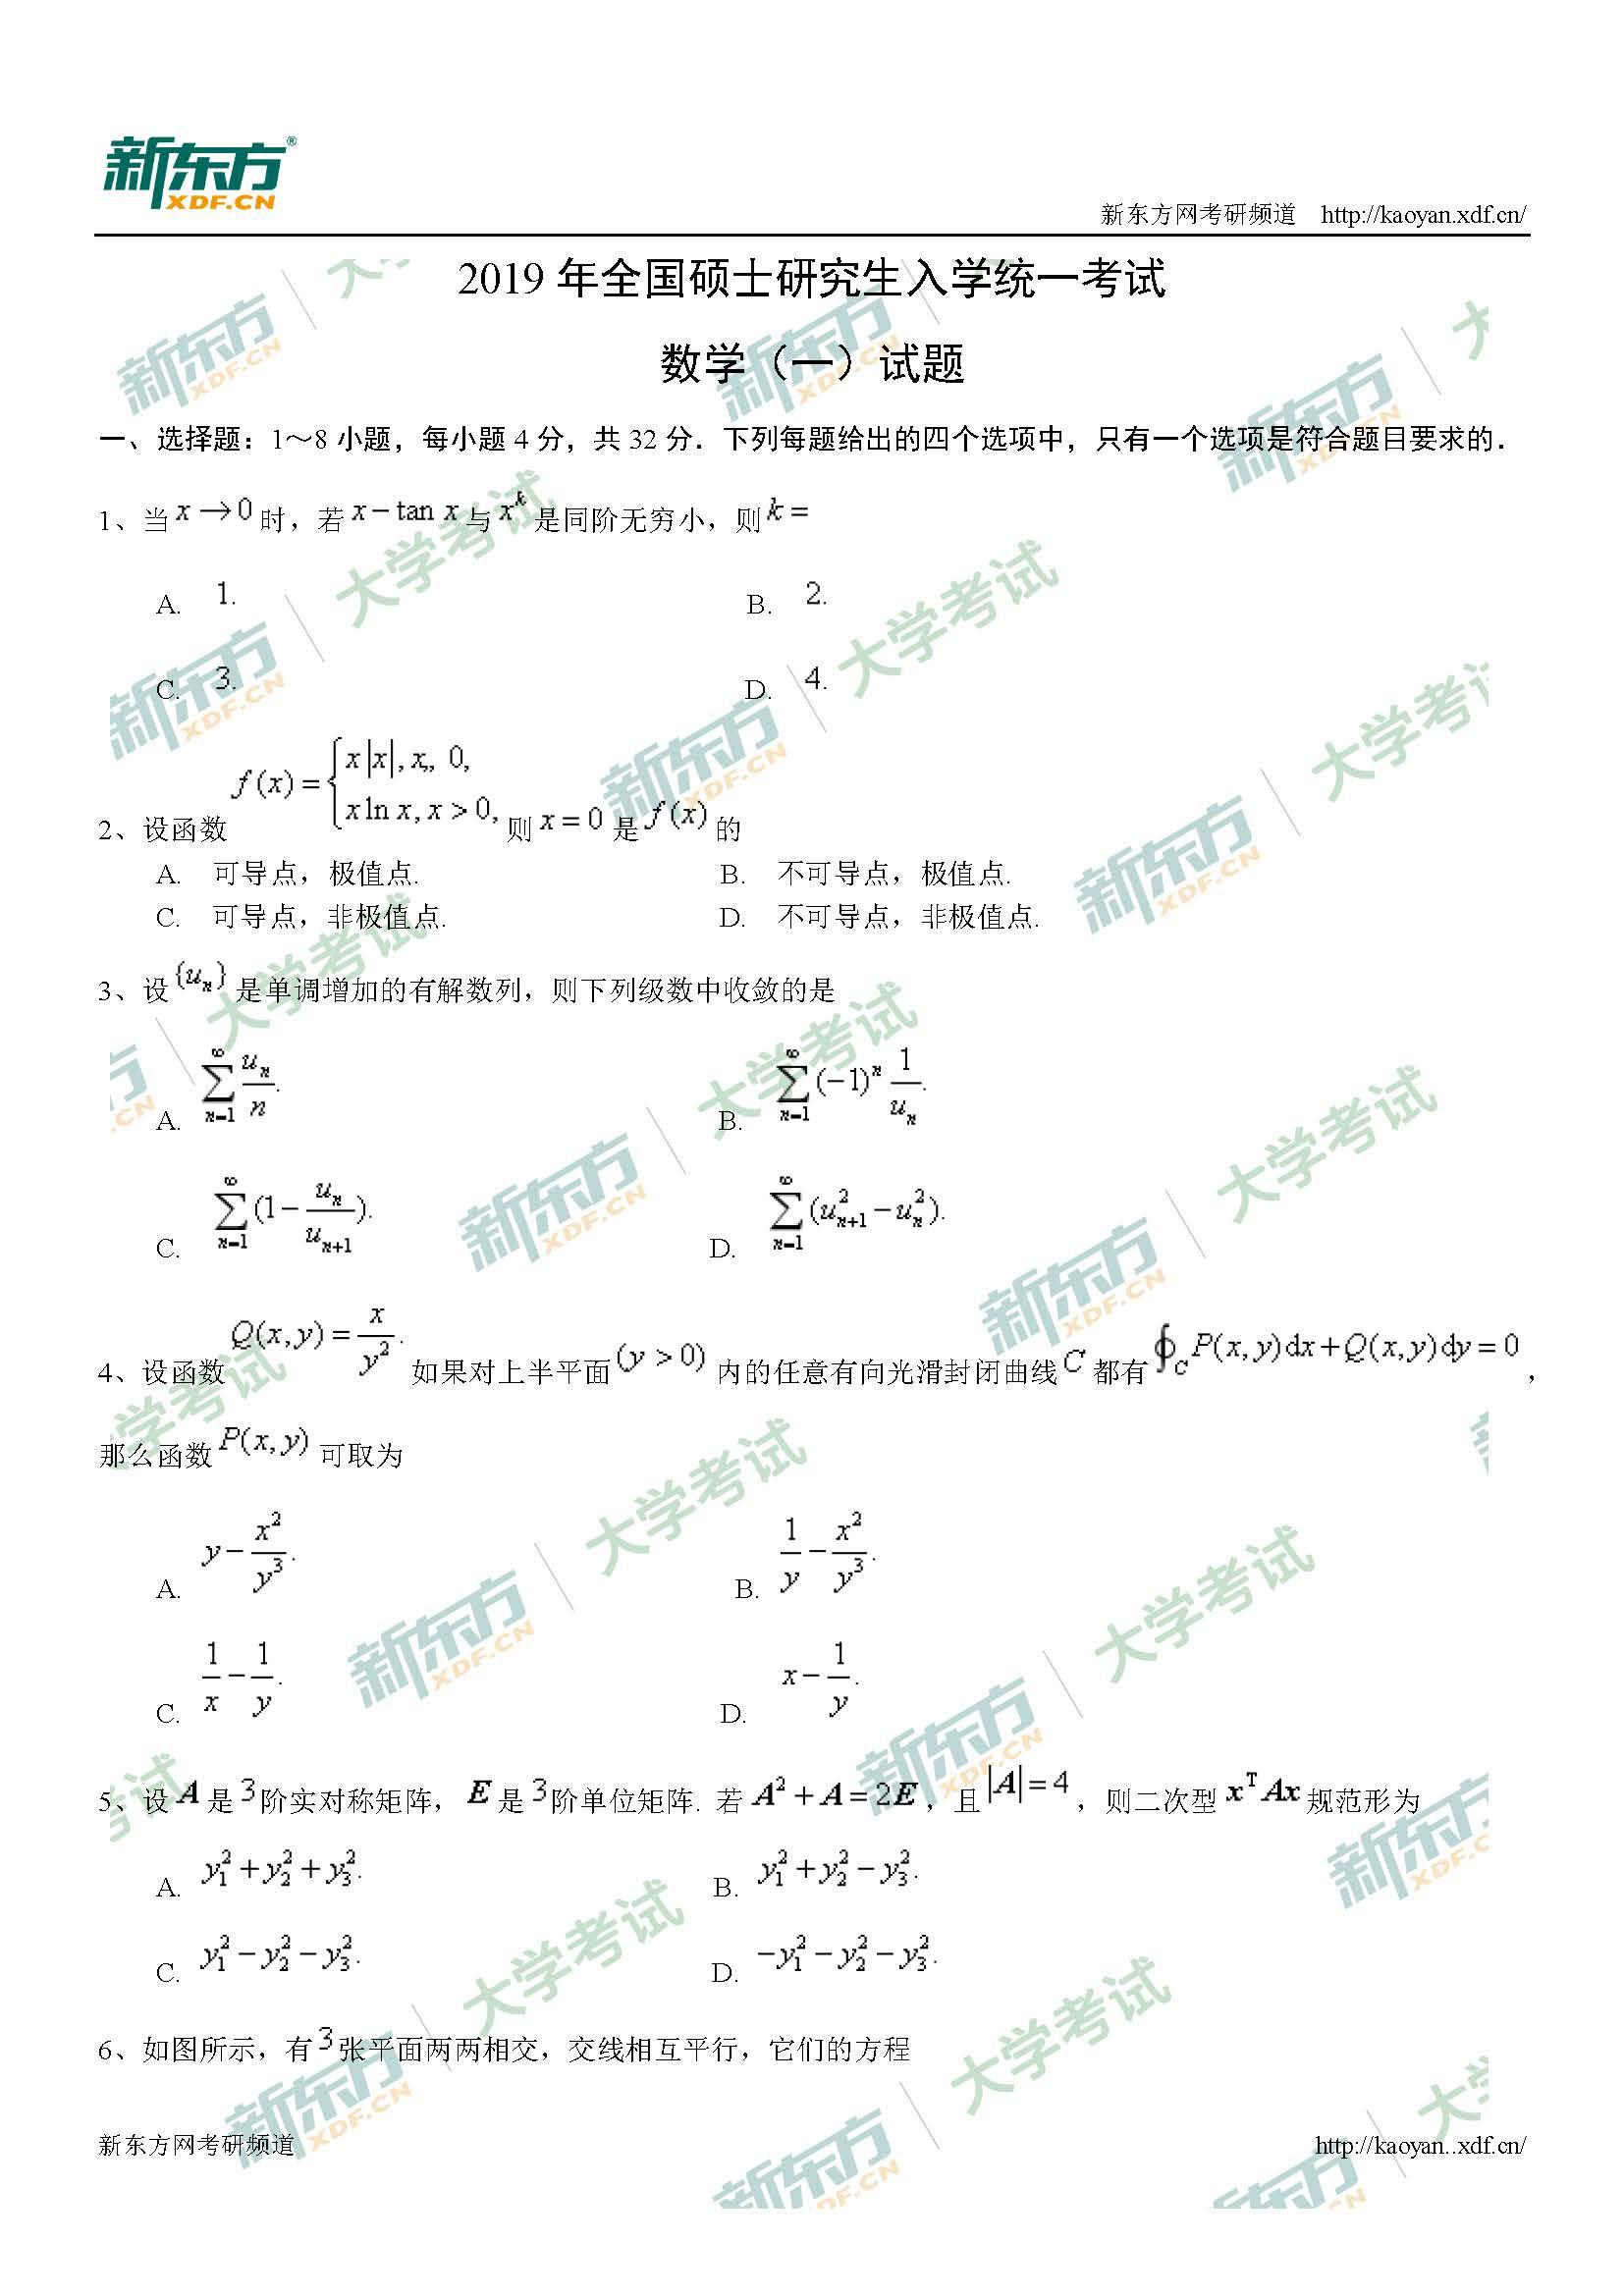 2019考研数学一真题答案全套(新东方)